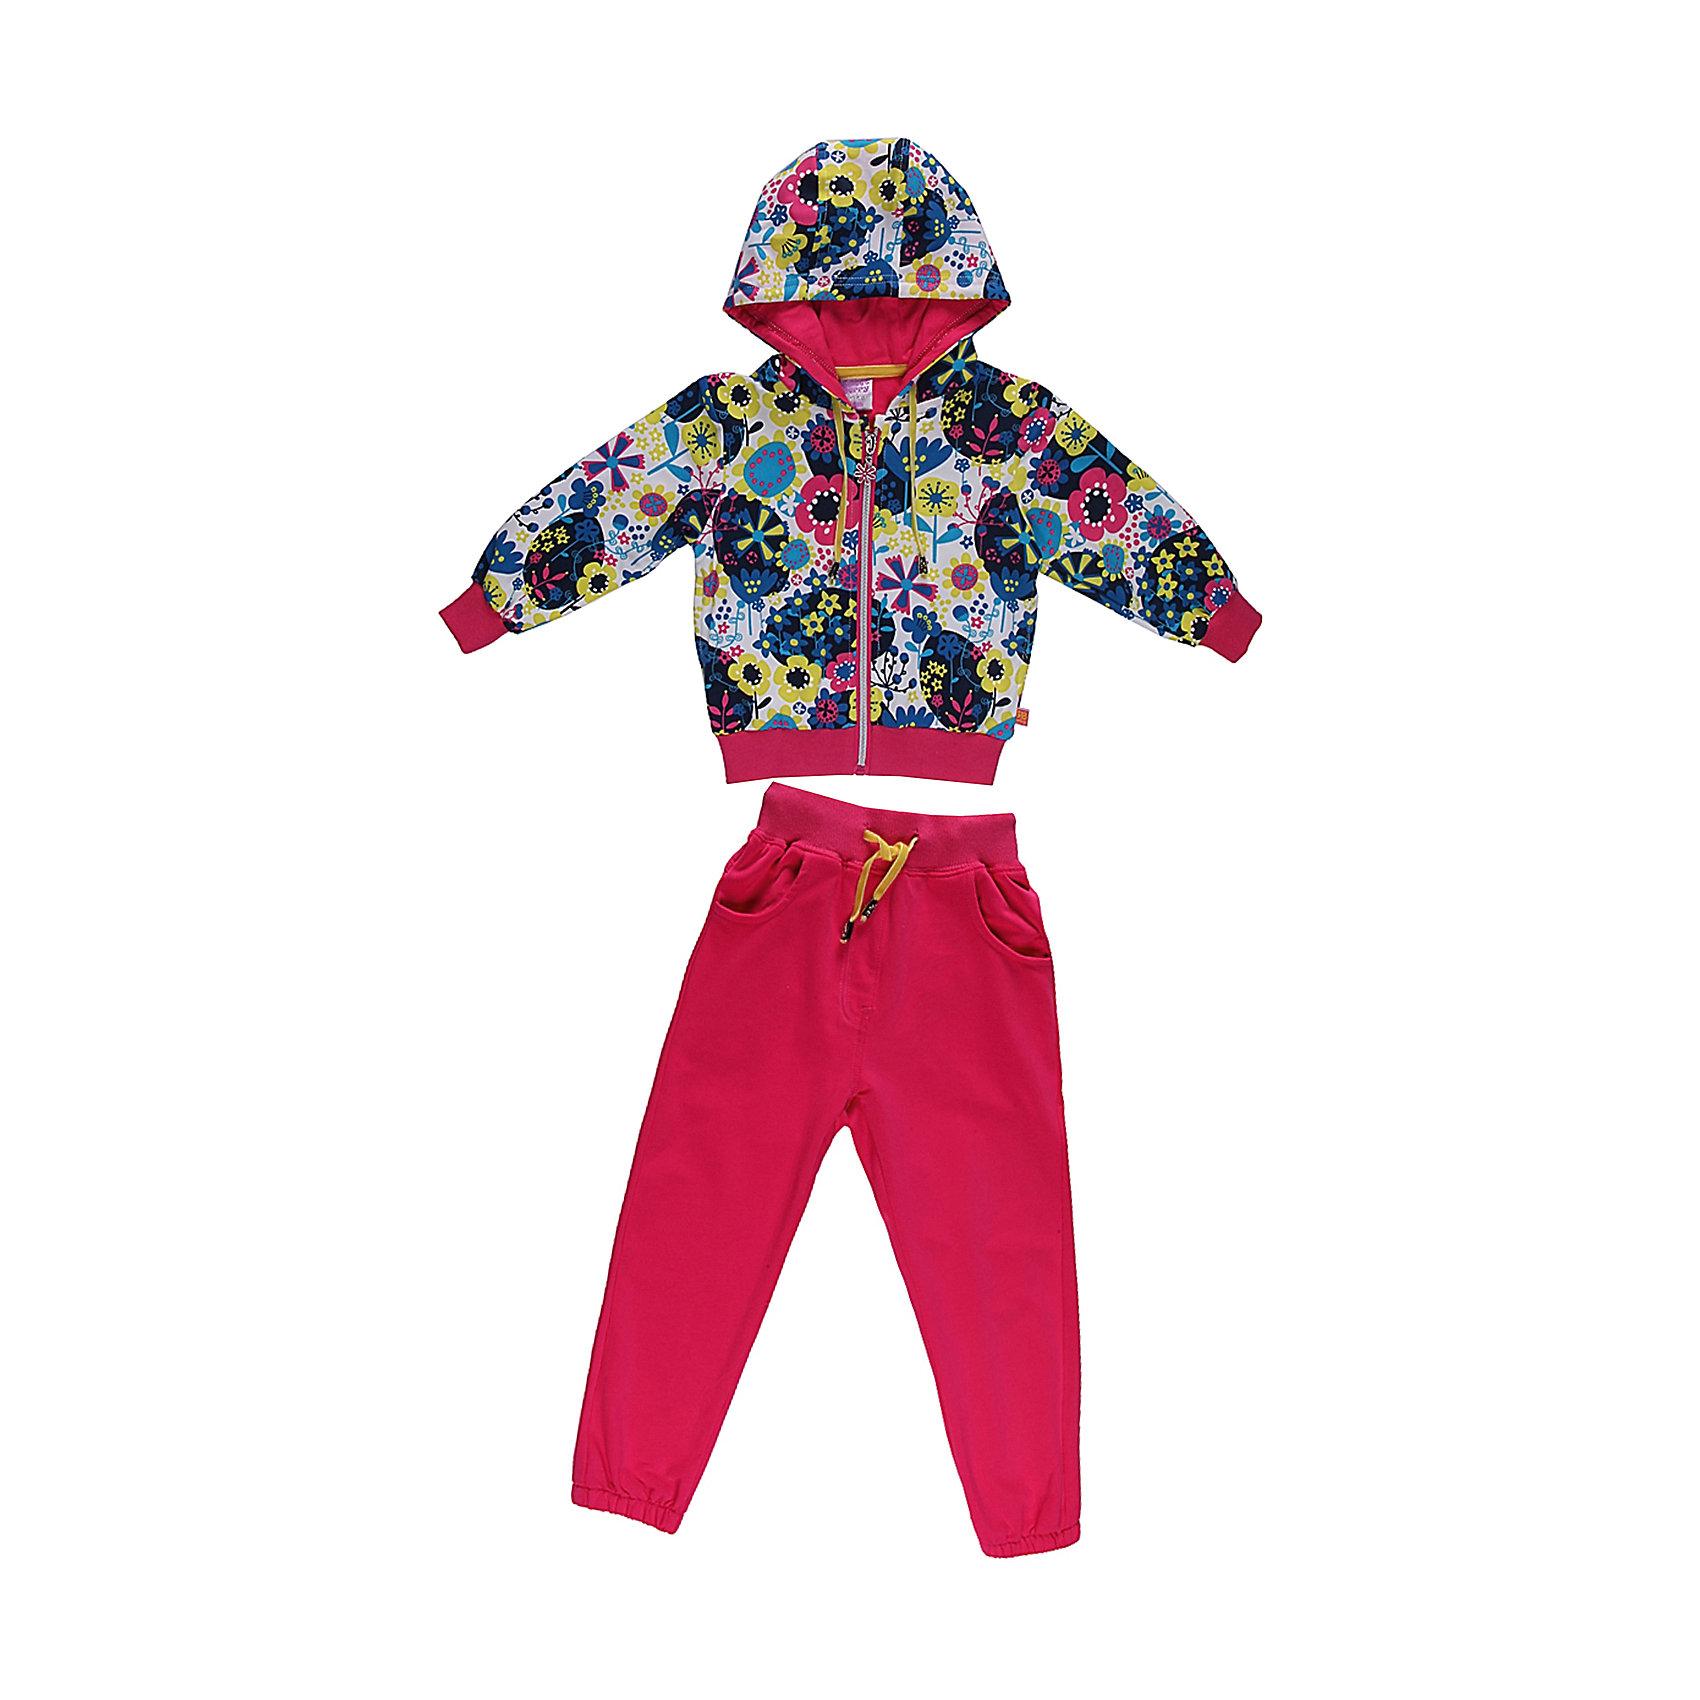 Спортивный костюм для девочки Sweet BerryКомплекты<br>Яркий  комлект из плотного трикотажа.  Манжеты, низ толстовки и пояс брюк- трикотажная резинка. Пояс регулируется шнурком.<br>Состав:<br>95% хлопок, 5% эластан<br><br>Ширина мм: 247<br>Глубина мм: 16<br>Высота мм: 140<br>Вес г: 225<br>Цвет: розовый<br>Возраст от месяцев: 9<br>Возраст до месяцев: 12<br>Пол: Женский<br>Возраст: Детский<br>Размер: 80,92,86,98<br>SKU: 4520260